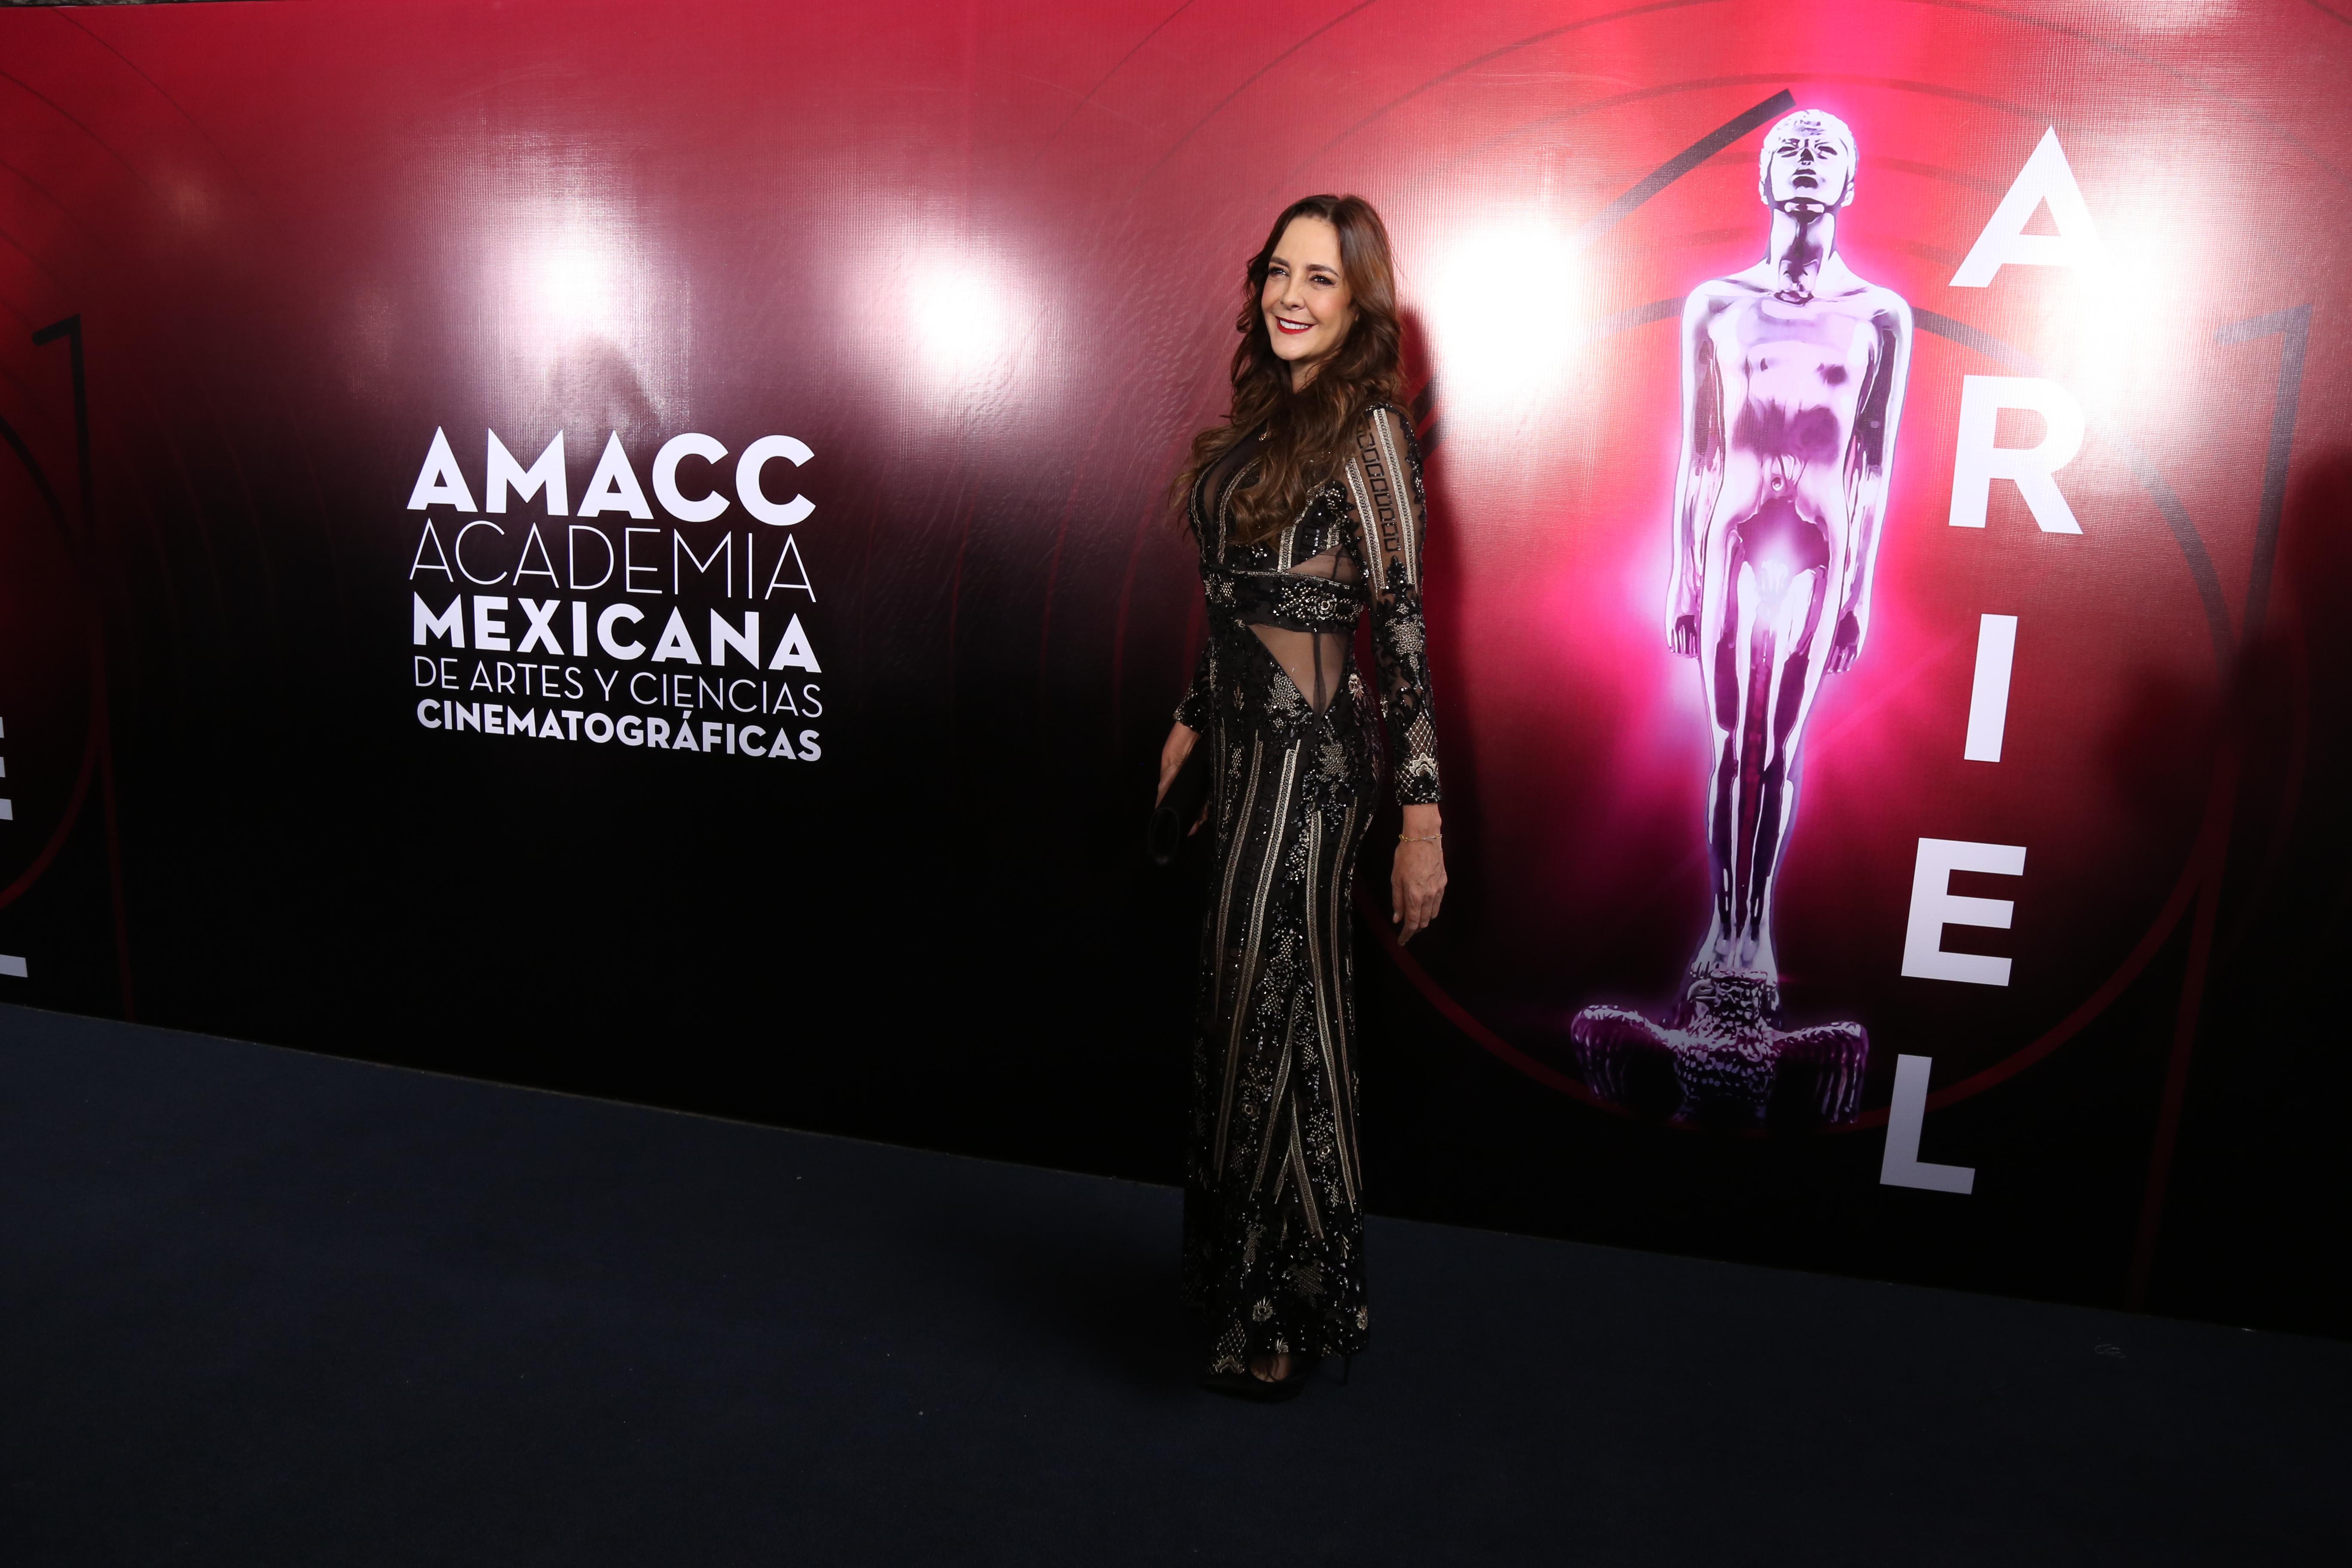 María Fernanda García (Foto: Juan Vicente Manrique/Infobae)